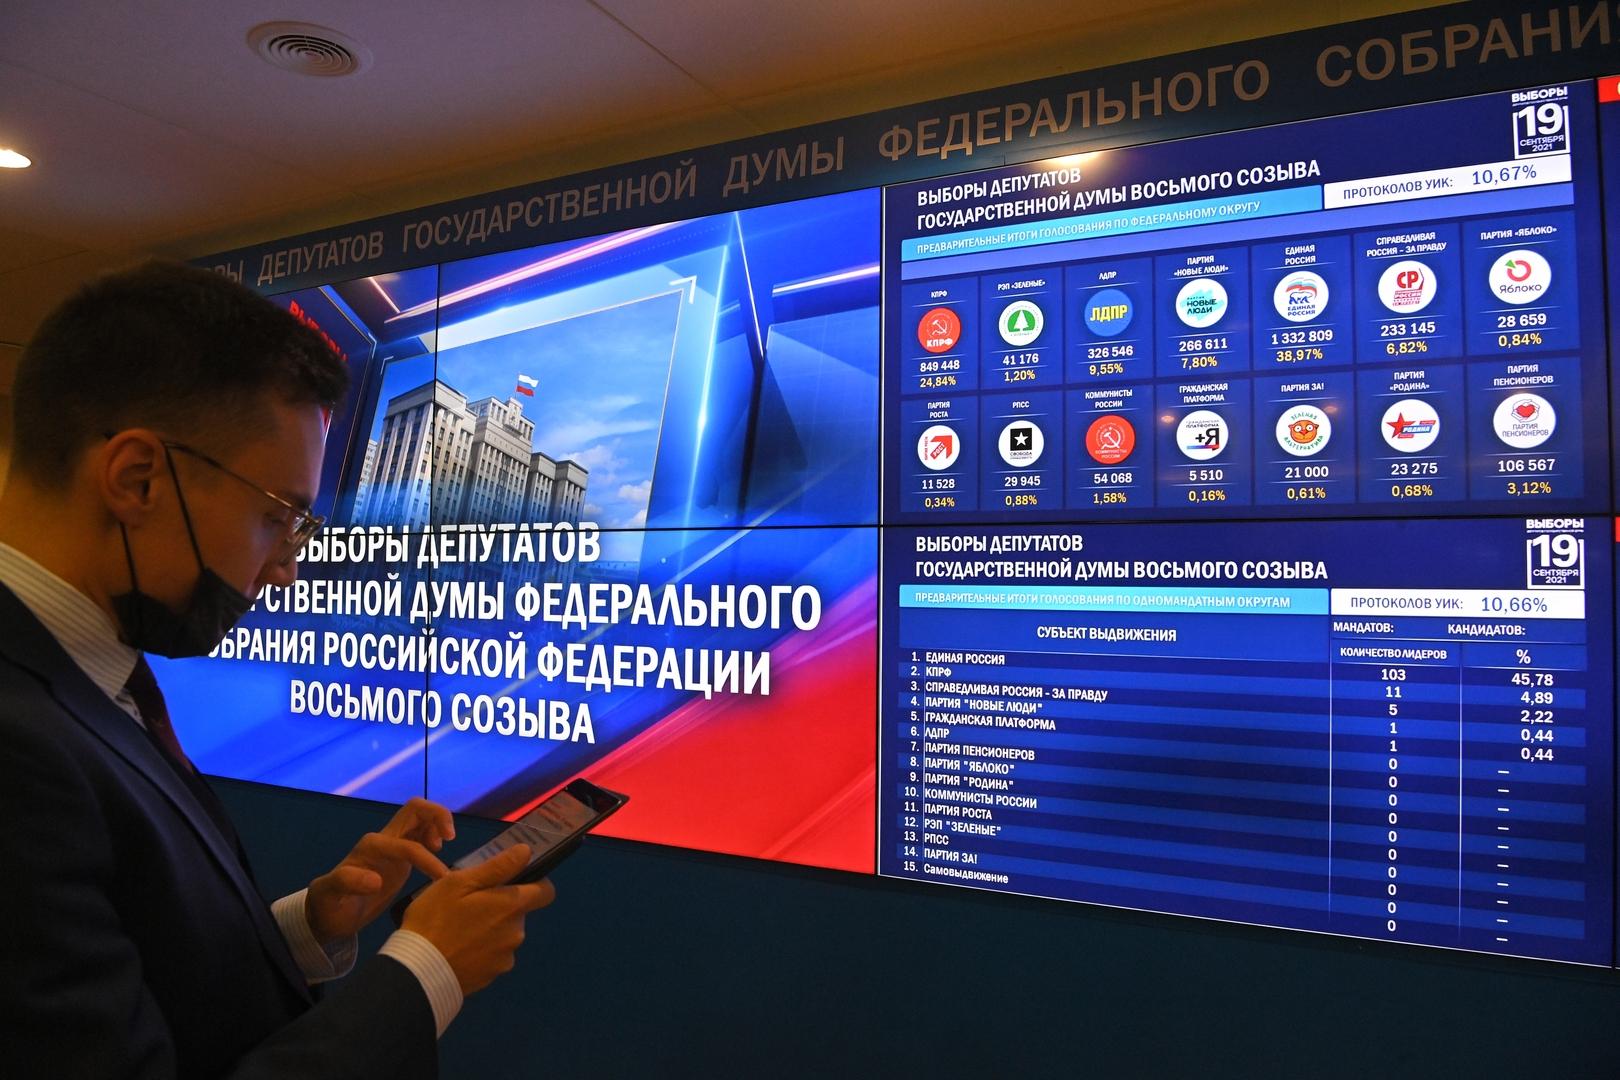 سيناتور روسي يكشف التبعات المحتملة لفرضية عدم اعتراف أوروبا بنتائج انتخابات الدوما